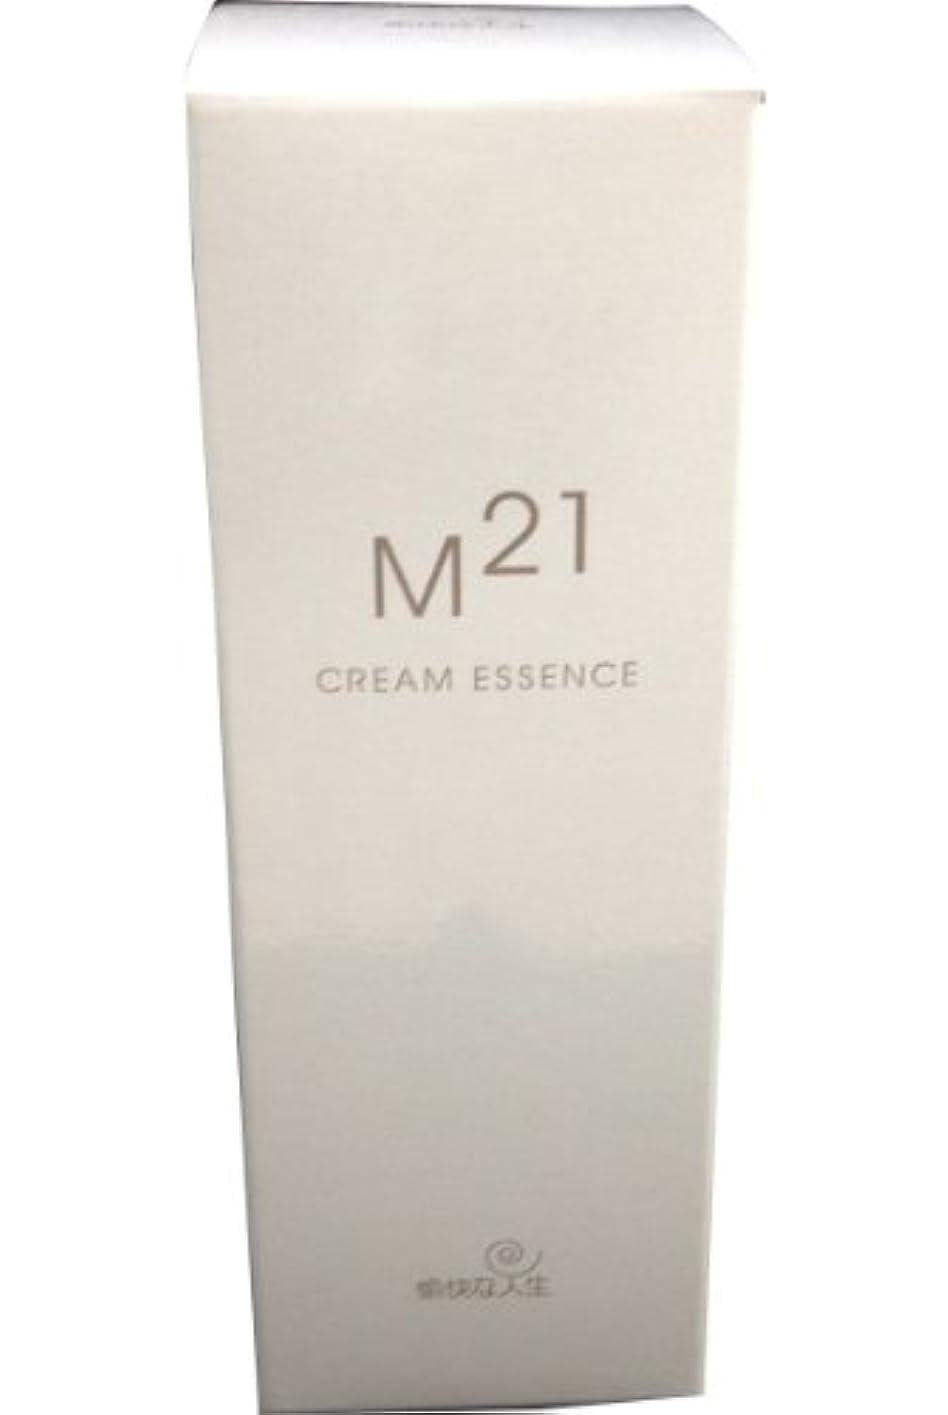 M21クリームエッセンス 自然化粧品M21